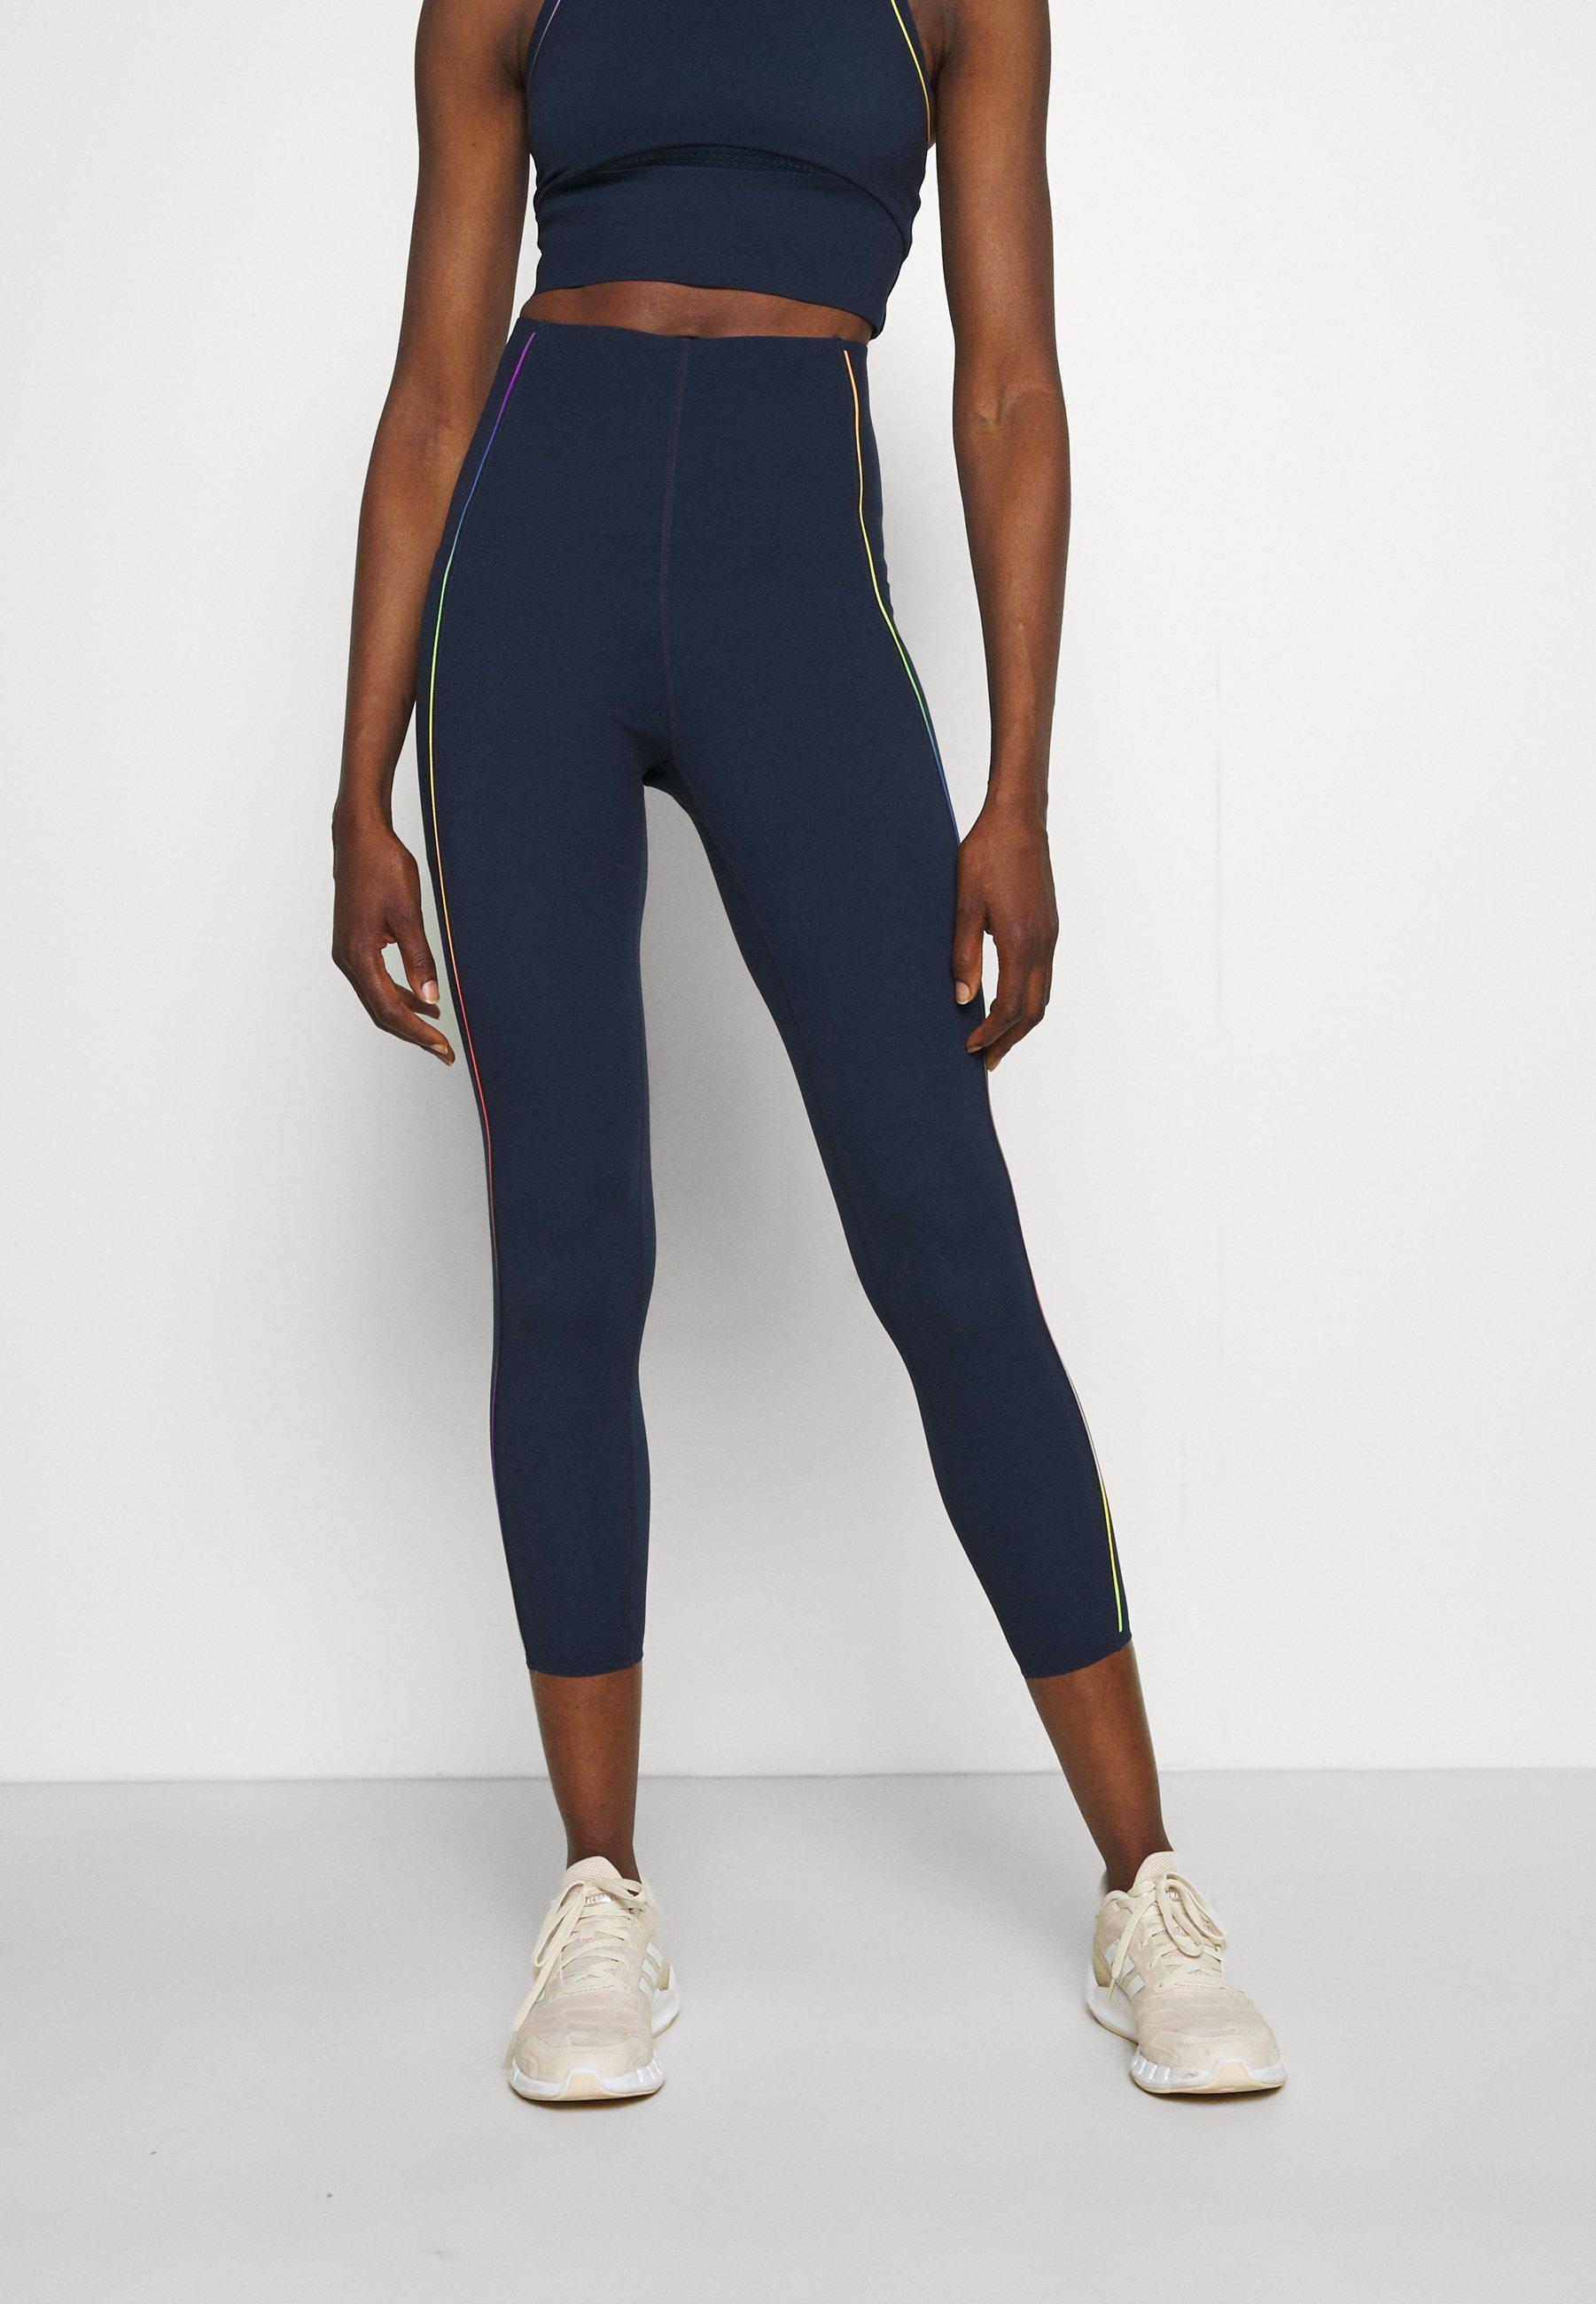 Femme POWER HIGH WAIST 7/8 WORKOUT LEGGINGS - Collants